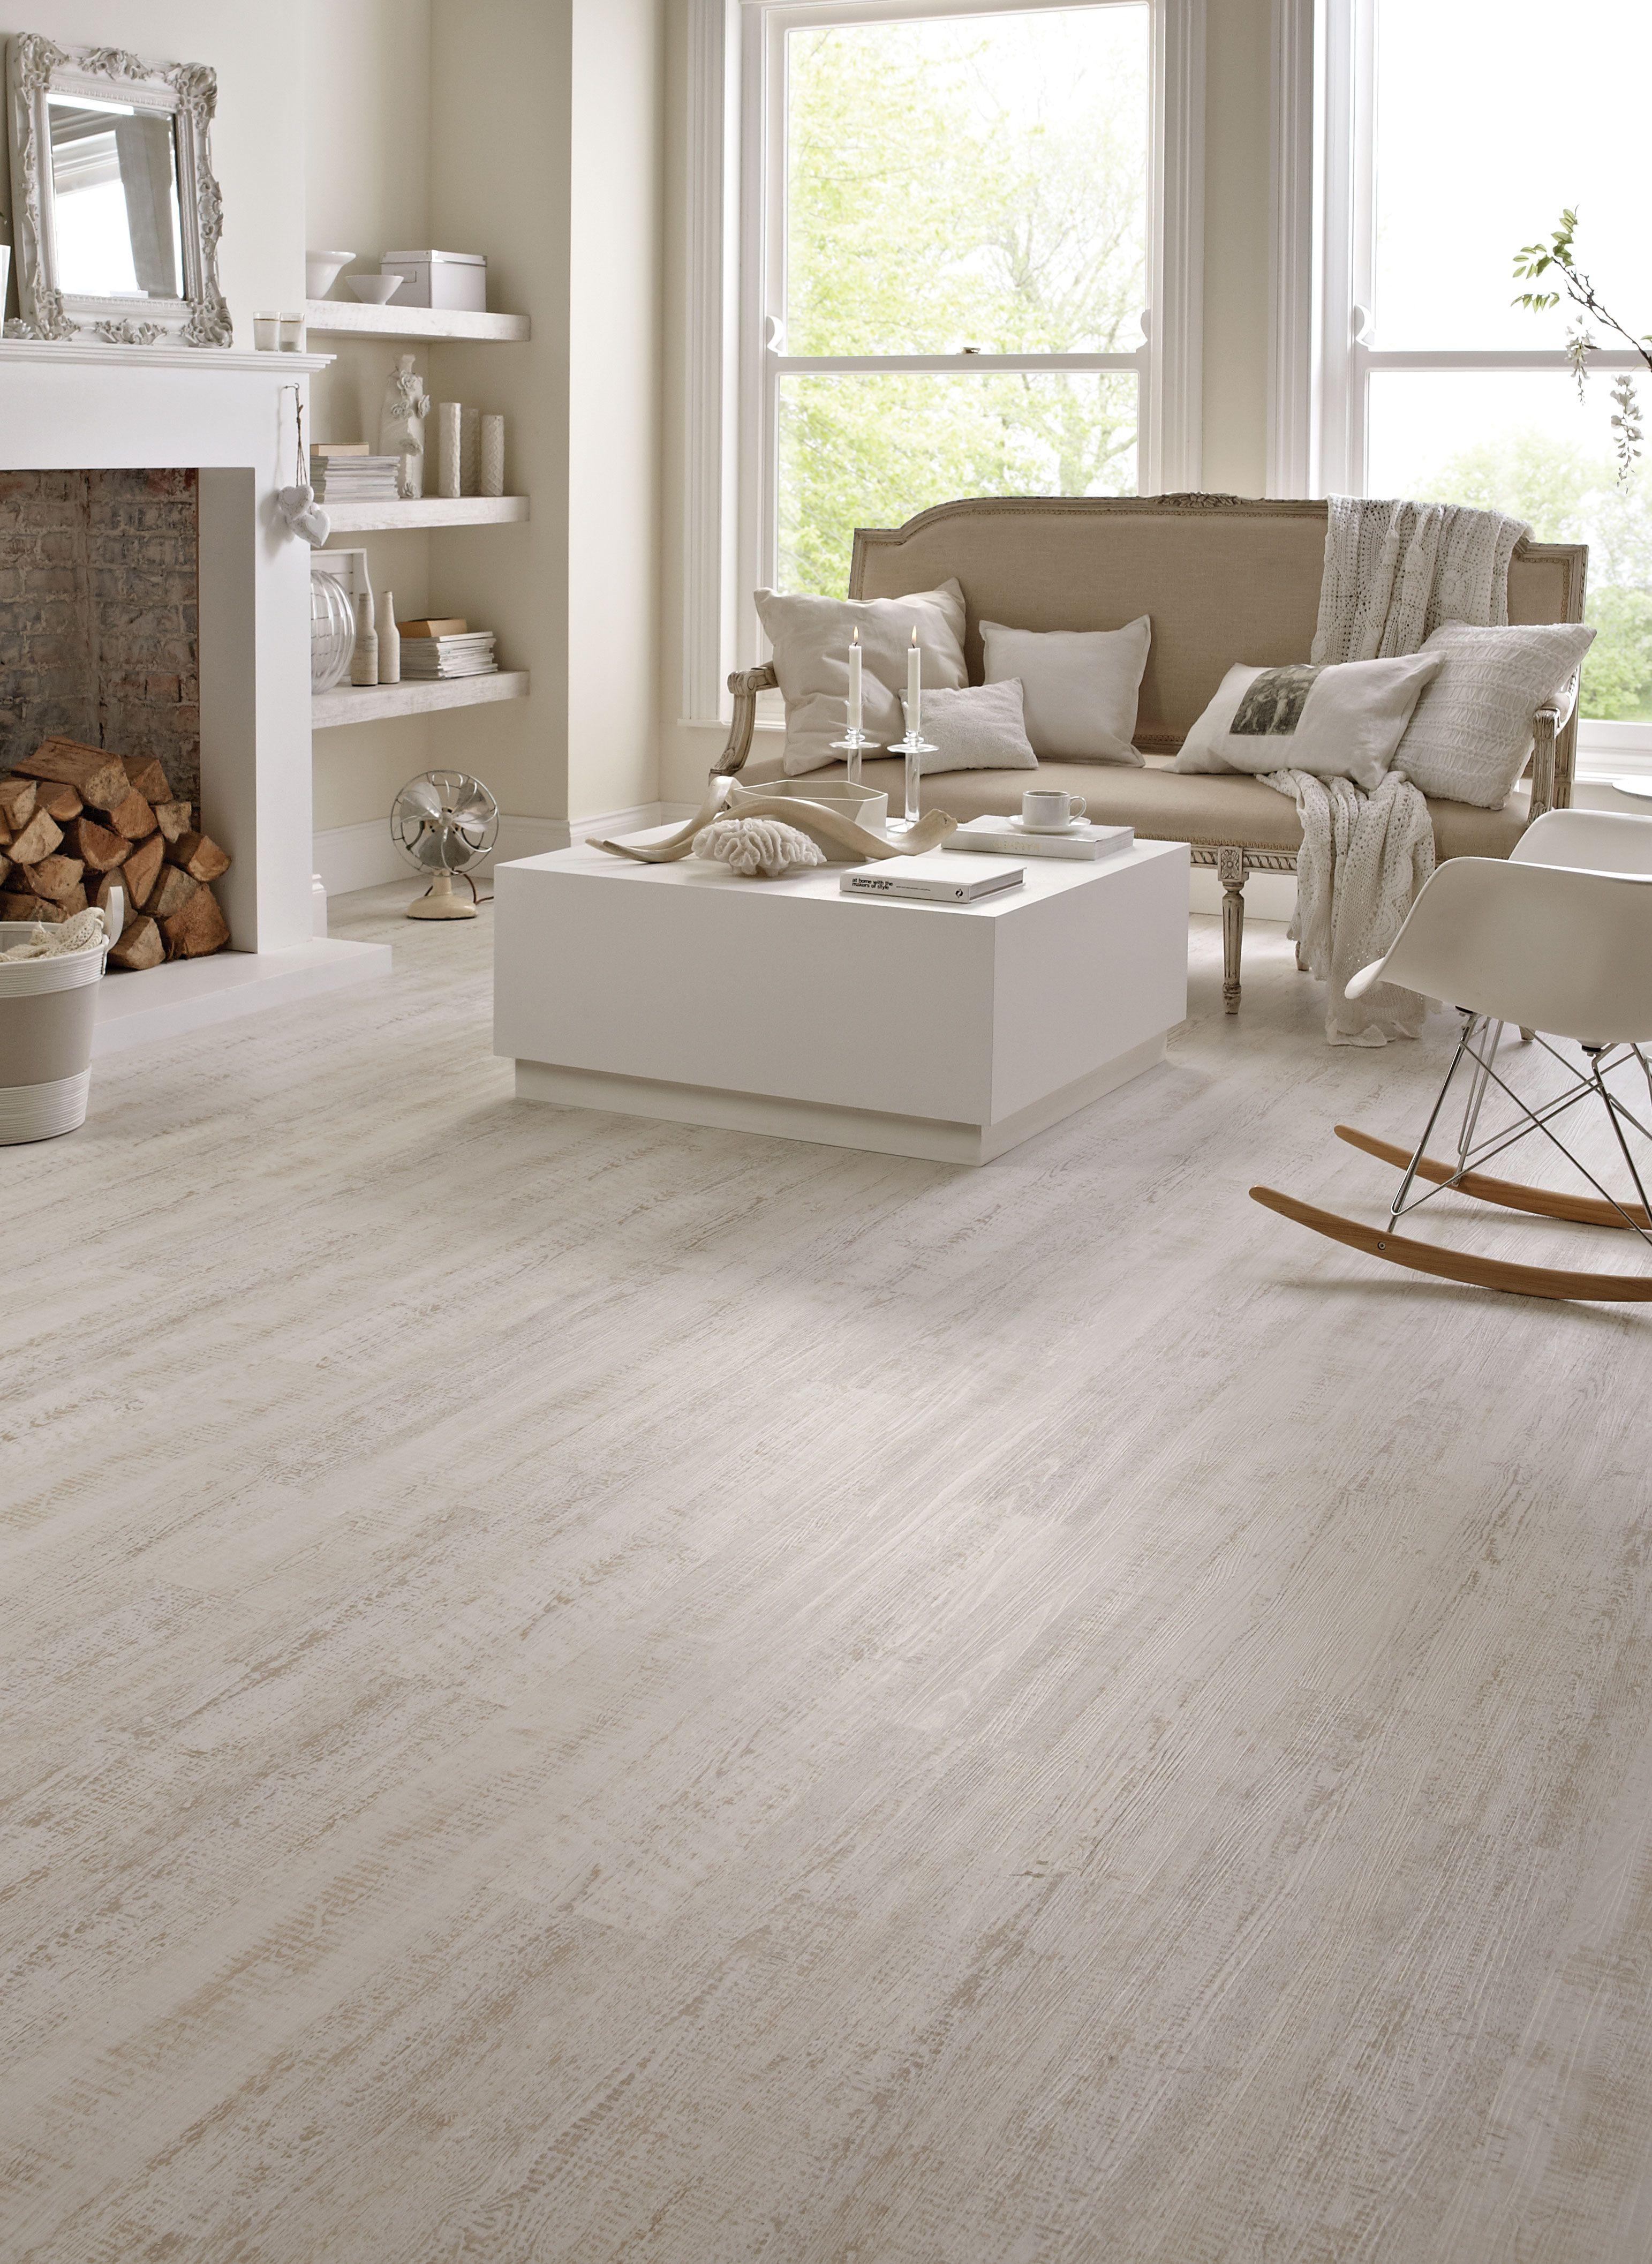 Karndean wood flooring White Painted Oak by